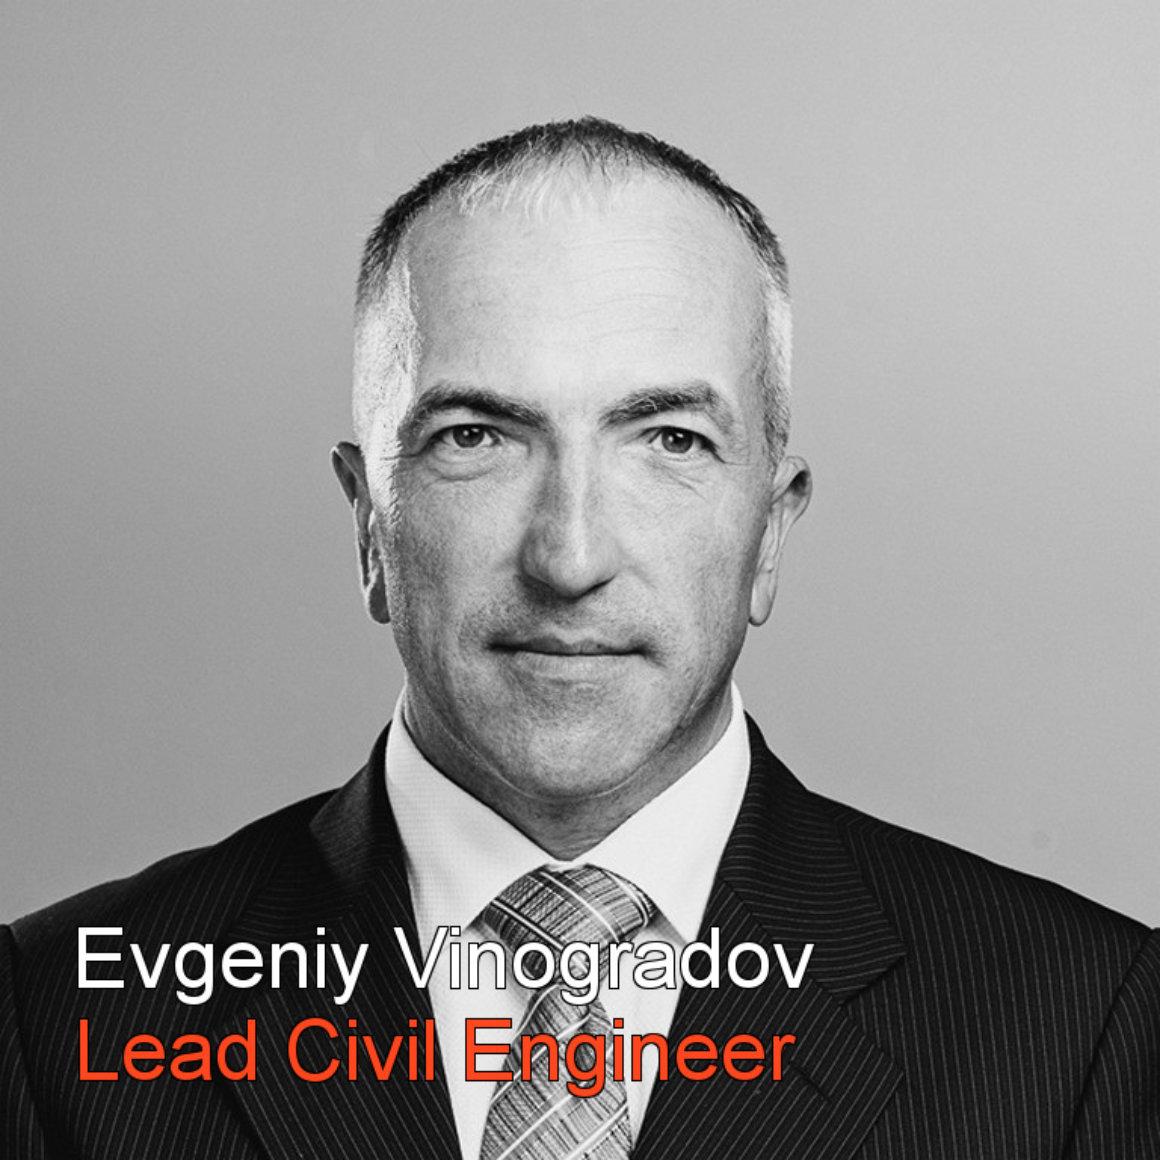 Evgeniy Vinogradov BW